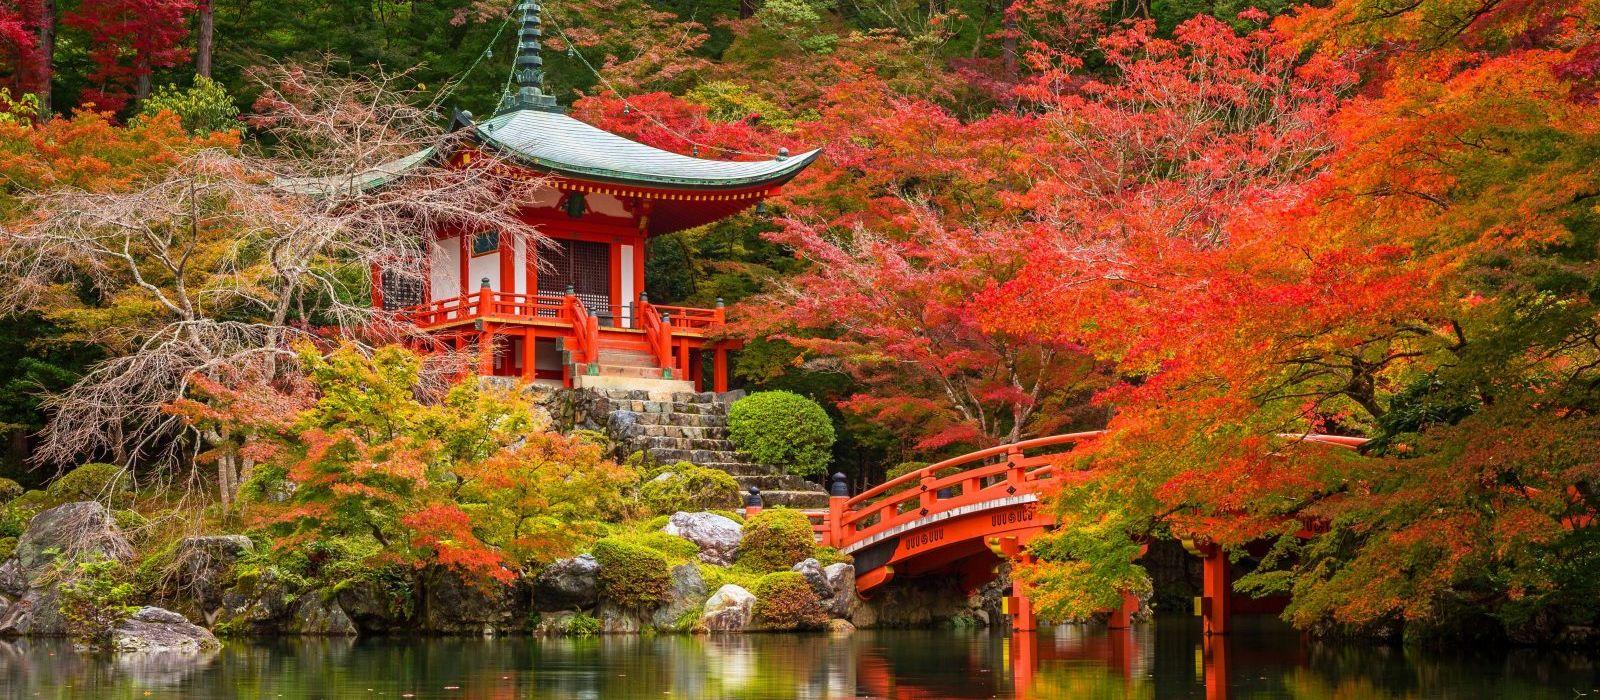 Just Japan: An Introduction Tour Trip 7